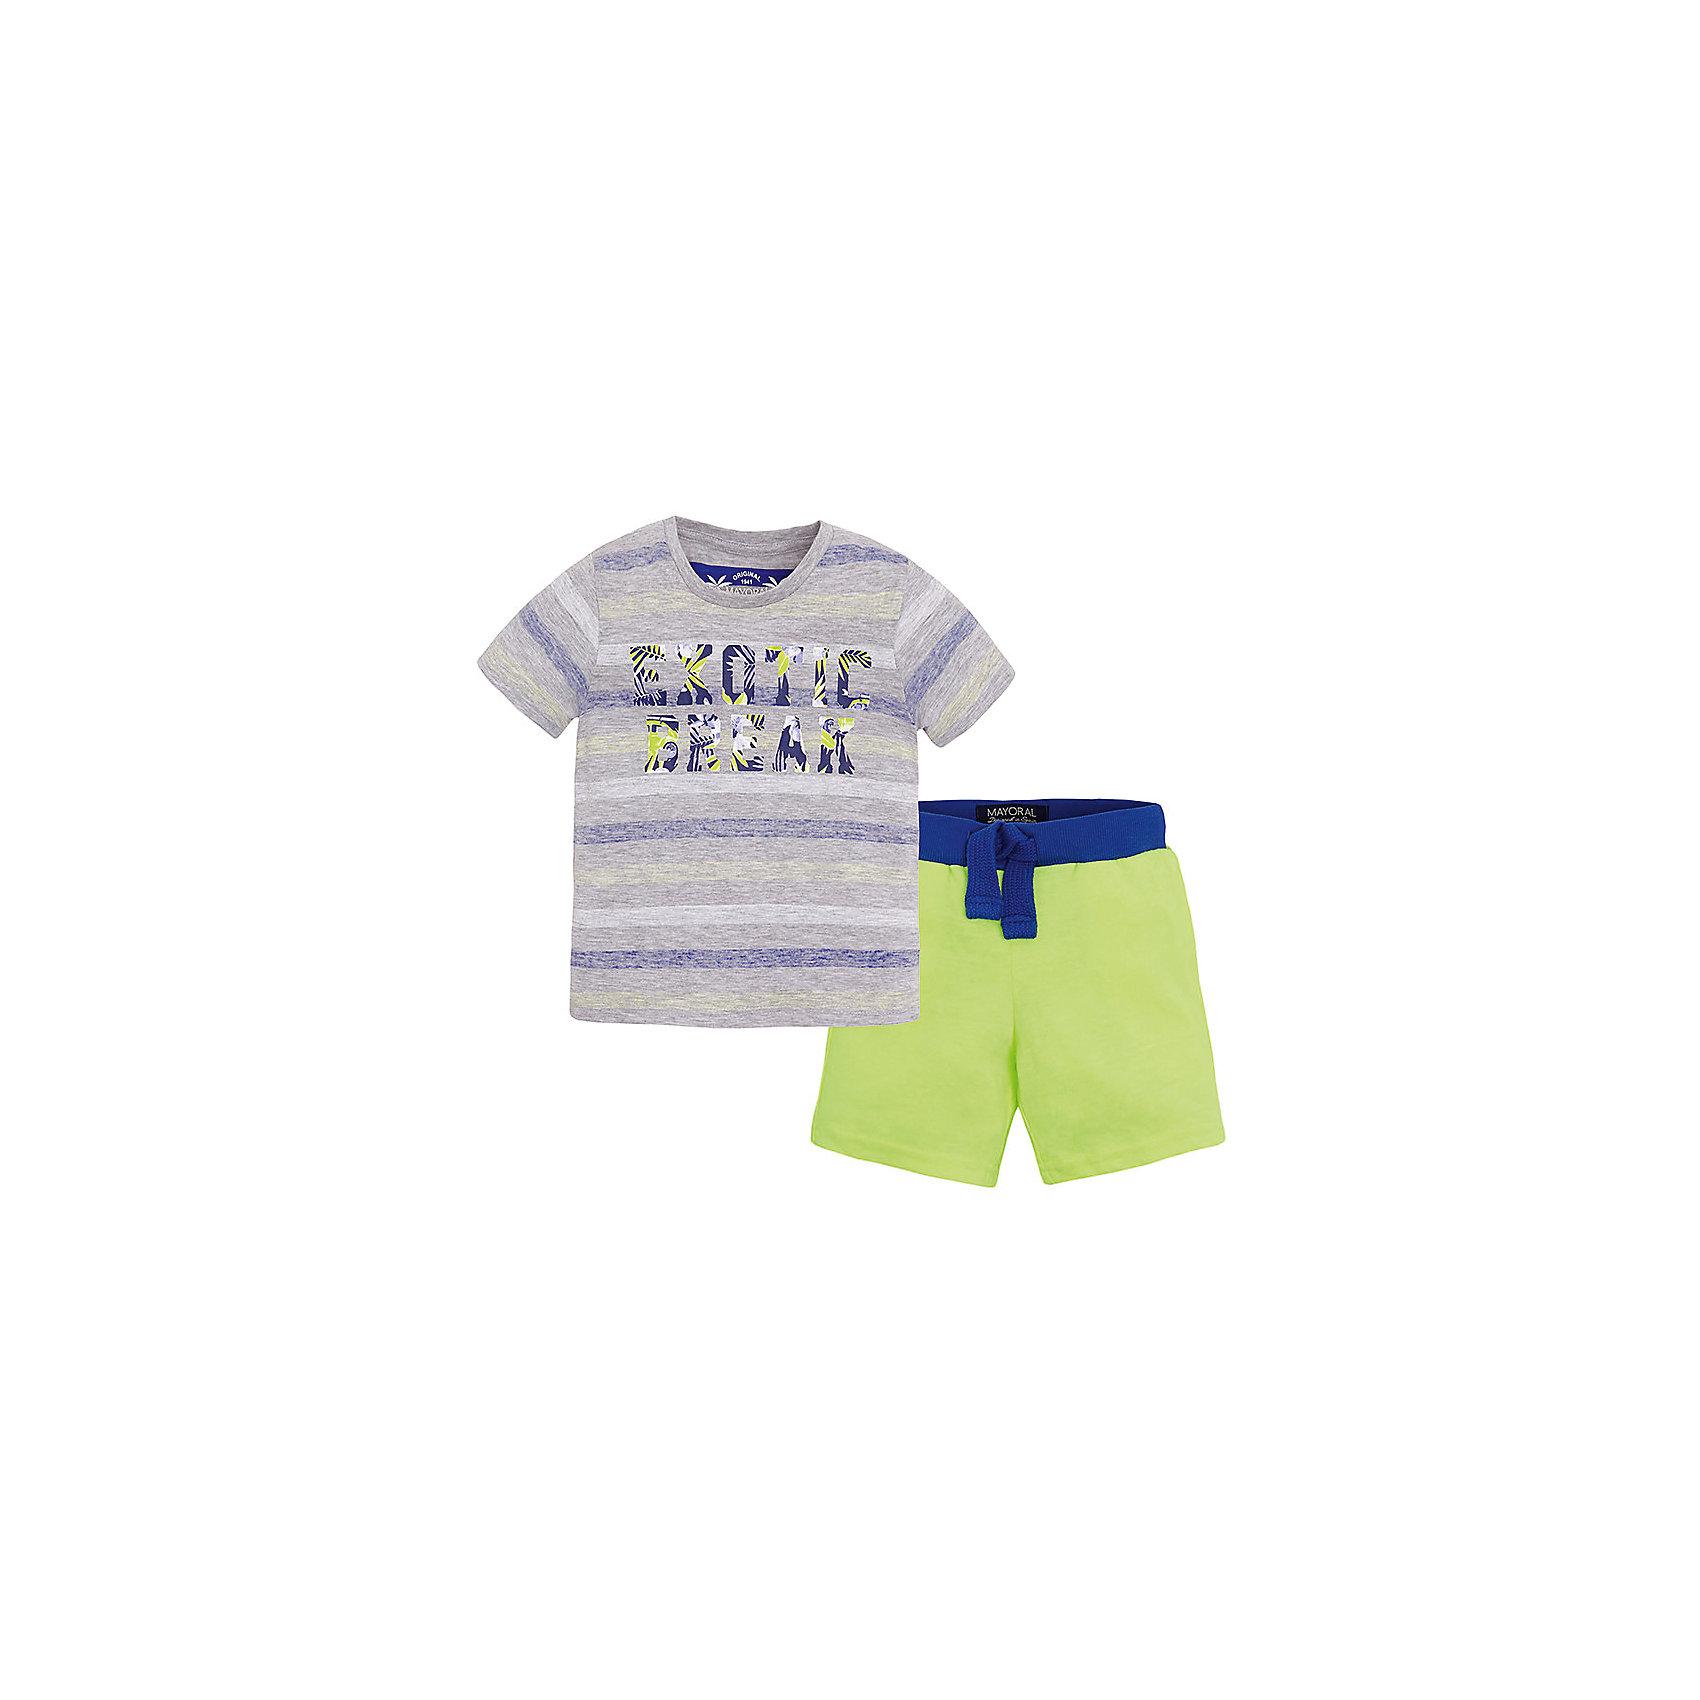 Комплект для мальчика: футболка и шорты MayoralКомплект: футболка и шорты для мальчика от известной испанской марки Mayoral <br><br>Модная футболка с шортами от Mayoral особенно актуальны в теплое время года! Она прекрасно сочетаются и с другими вещами.  Модель выполнена из качественных материалов, отлично сидит по фигуре.<br><br>Особенности модели:<br><br>- цвет: серый, желтый;<br>- принт;<br>- шорты - на резинке и шнурке;<br>- натуральный материал.<br><br>Дополнительная информация:<br><br>Состав: 95% хлопок, 5% вискоза<br><br>Комплект: футболка и шорты для мальчика Mayoral (Майорал) можно купить в нашем магазине.<br><br>Ширина мм: 199<br>Глубина мм: 10<br>Высота мм: 161<br>Вес г: 151<br>Цвет: желтый<br>Возраст от месяцев: 84<br>Возраст до месяцев: 96<br>Пол: Мужской<br>Возраст: Детский<br>Размер: 128,134,116,104,98,110,122<br>SKU: 4542706